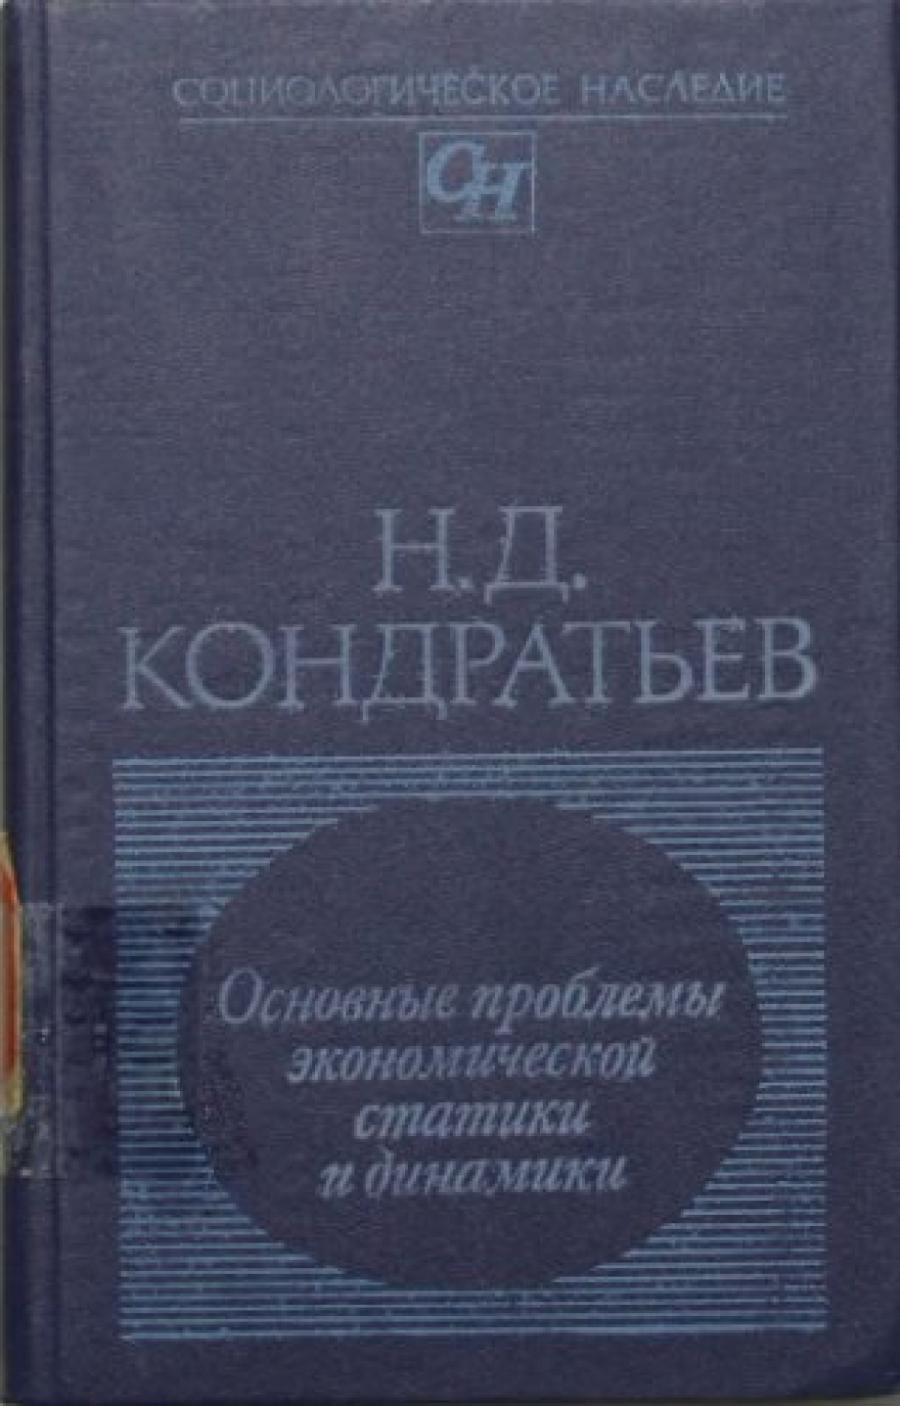 Обложка книги:  кондратьев н.д. - основные проблемы экономической статики и динамики. предварительный эскиз